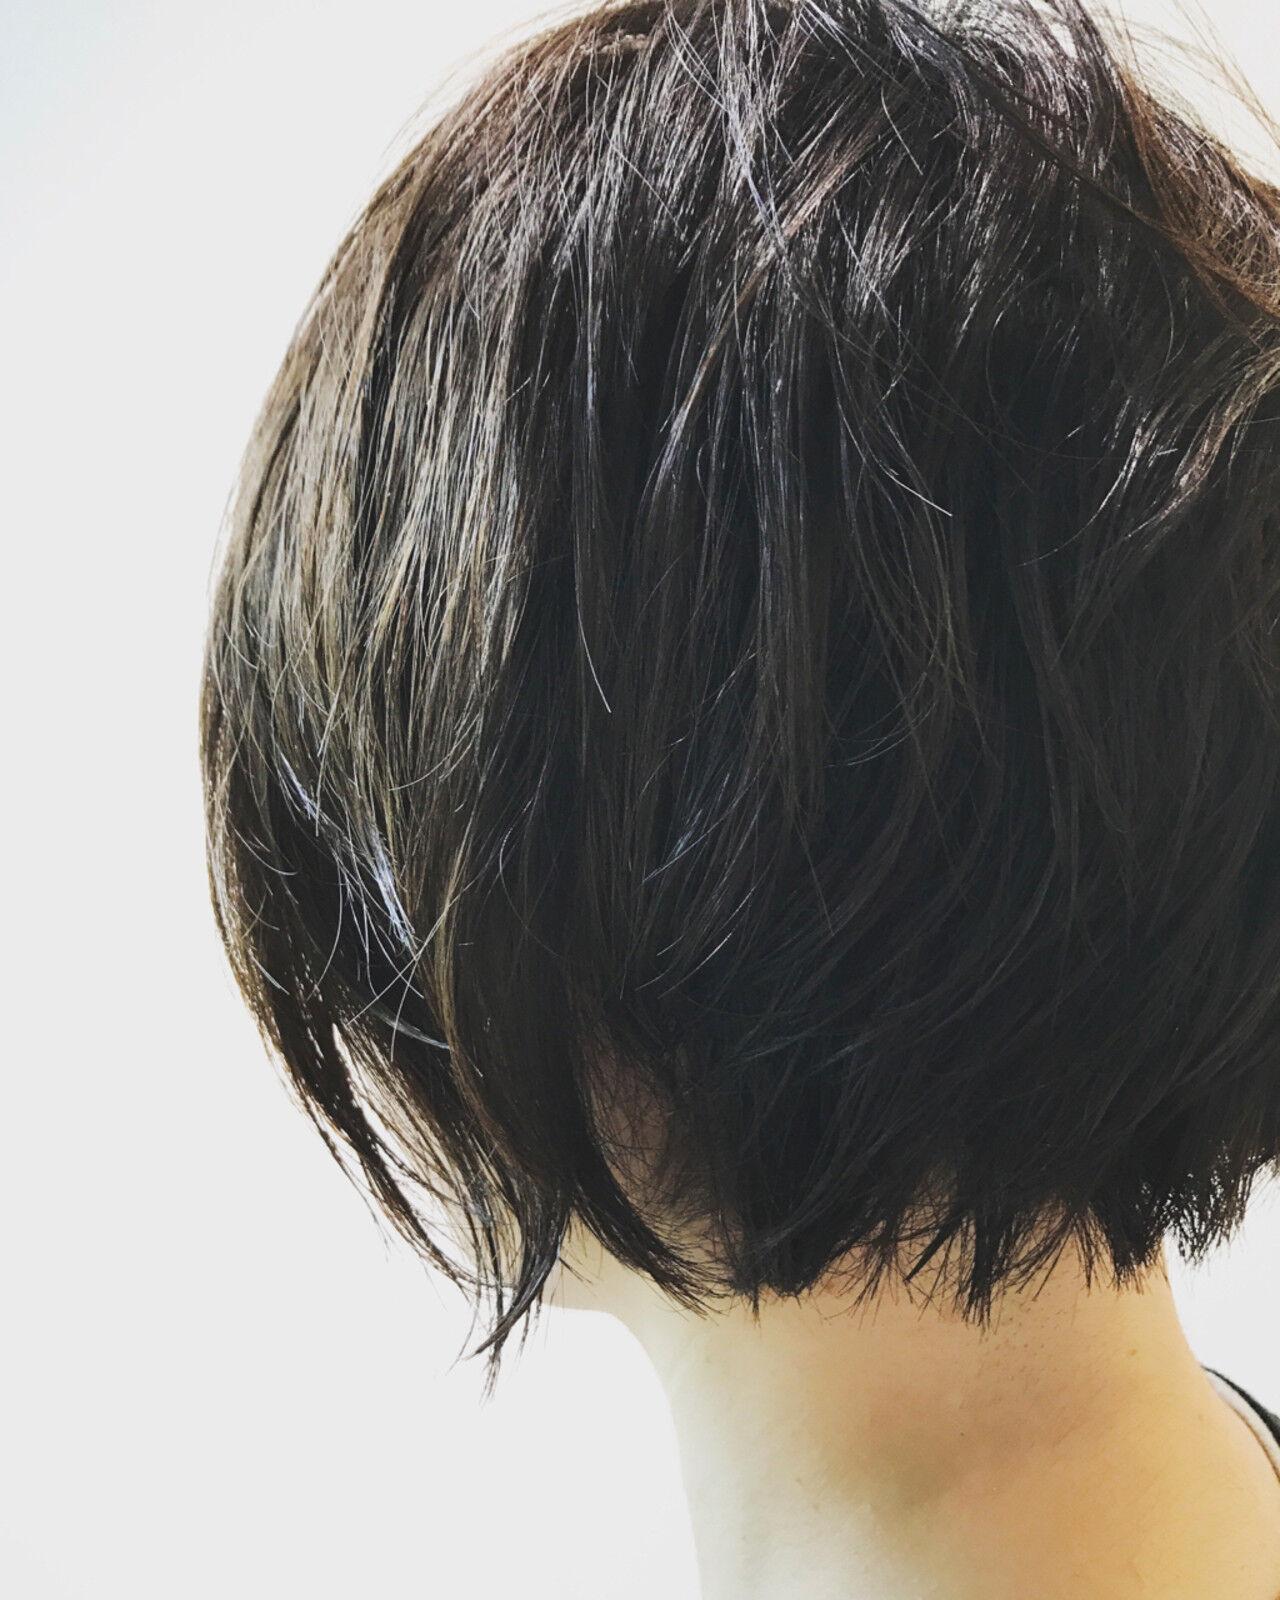 ウェットヘア 黒髪 ショート アウトドアヘアスタイルや髪型の写真・画像